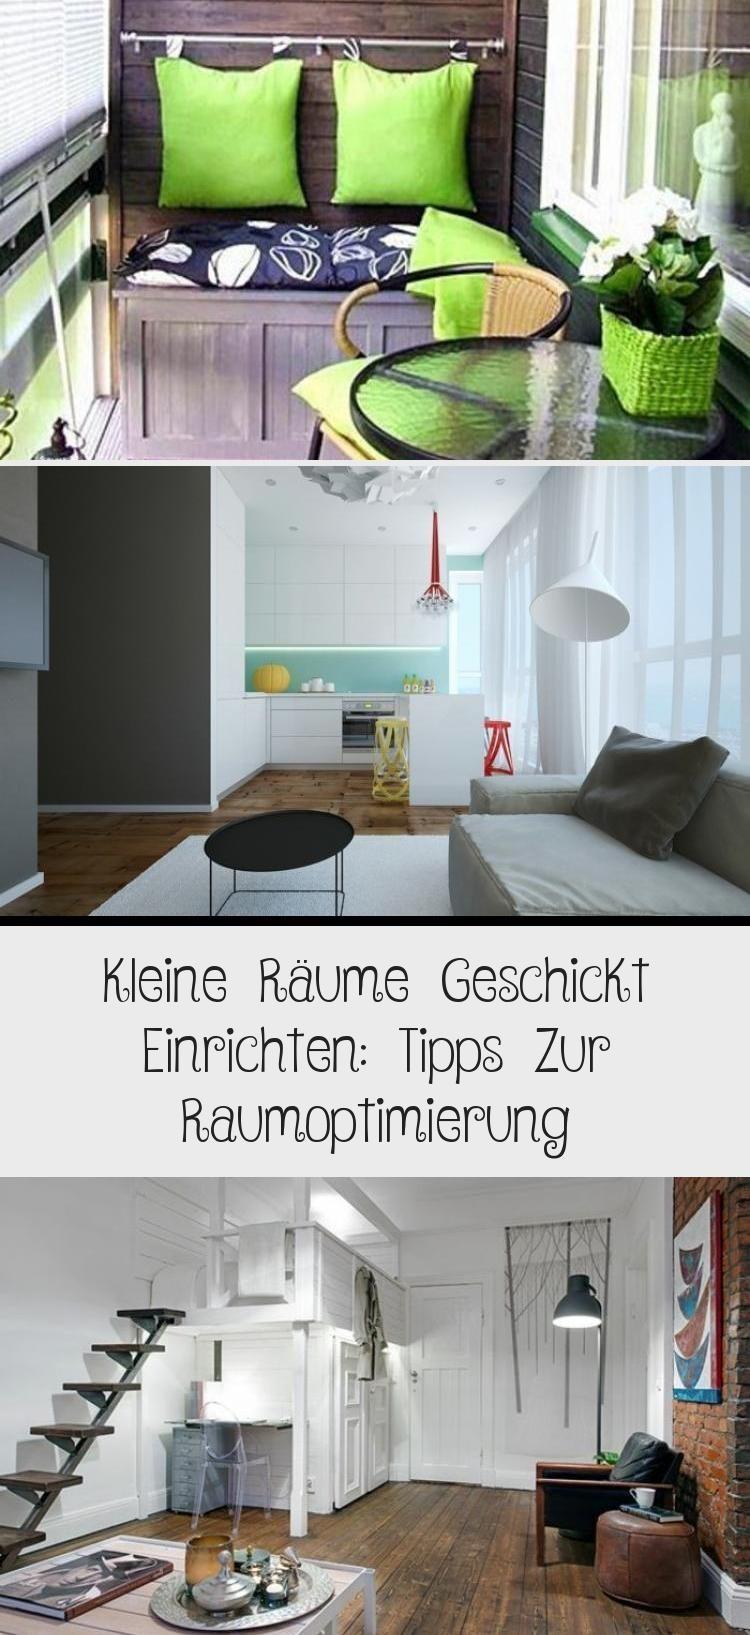 10 Qm Zimmer Einrichten Bett Mit Integriertem Kleiderschrank Treppen Musterteppich Weisser Boden Dekorationjugendzimmer In 2020